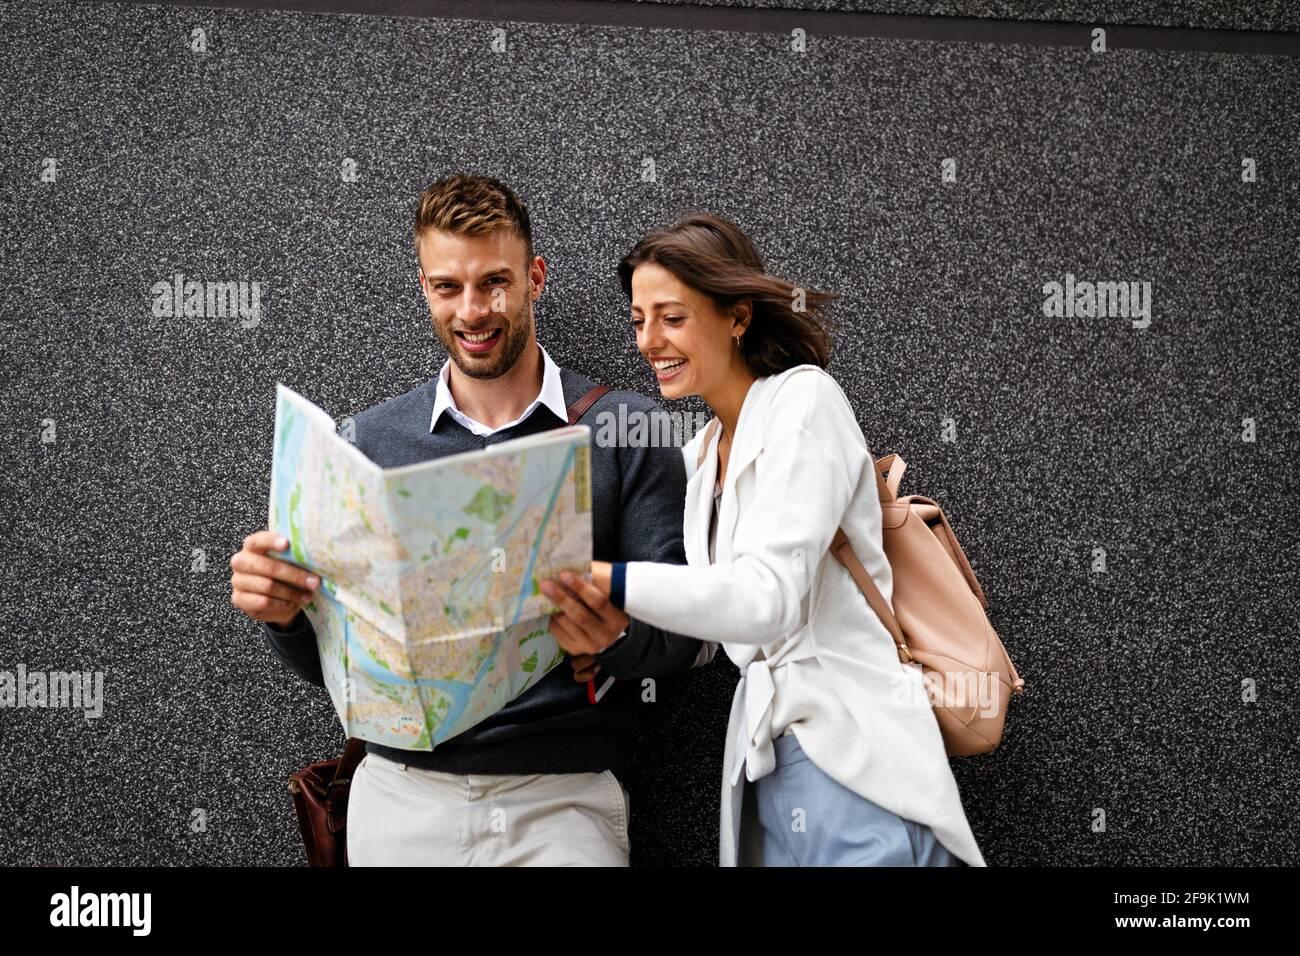 Felice sorridente donna e uomo in amore a piedi con mappa in città Foto Stock